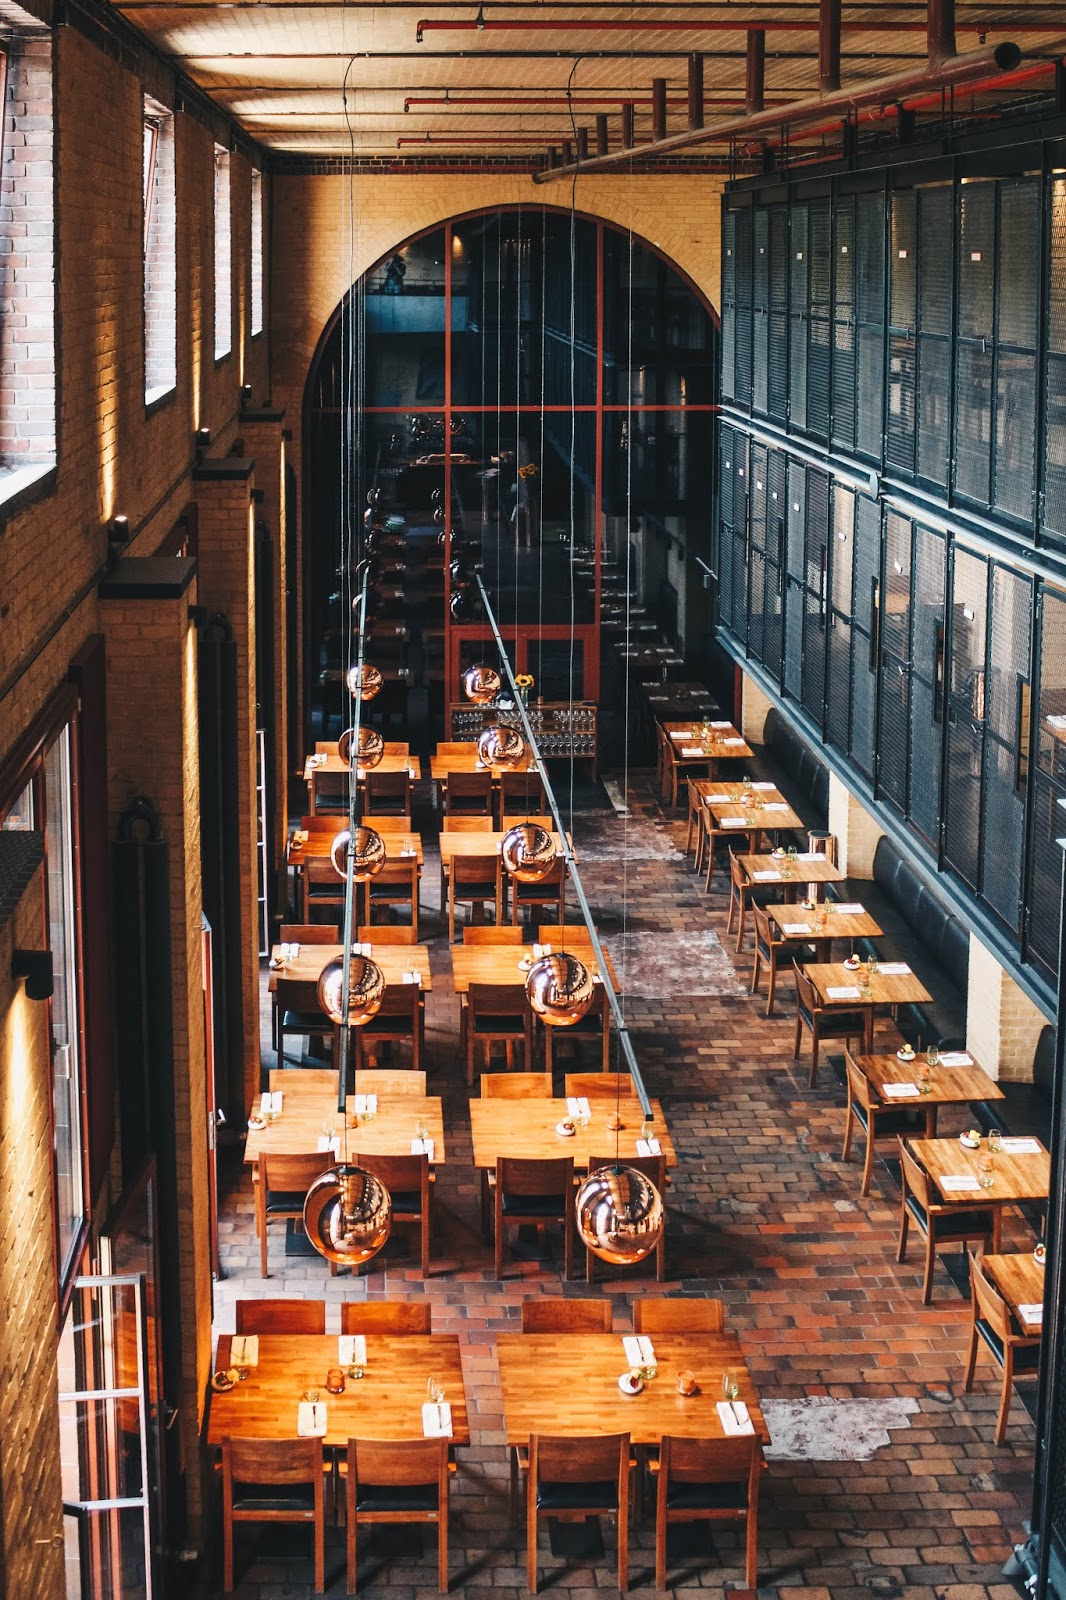 Das Restaurant Liegt Super Zentral Im Stadtteil Kreuzberg Und Genießt Einen  Sehr Guten Ruf. Gourmetliebhaber Und Hungrige Die Gerne Neue, Innovative  Menüs ...